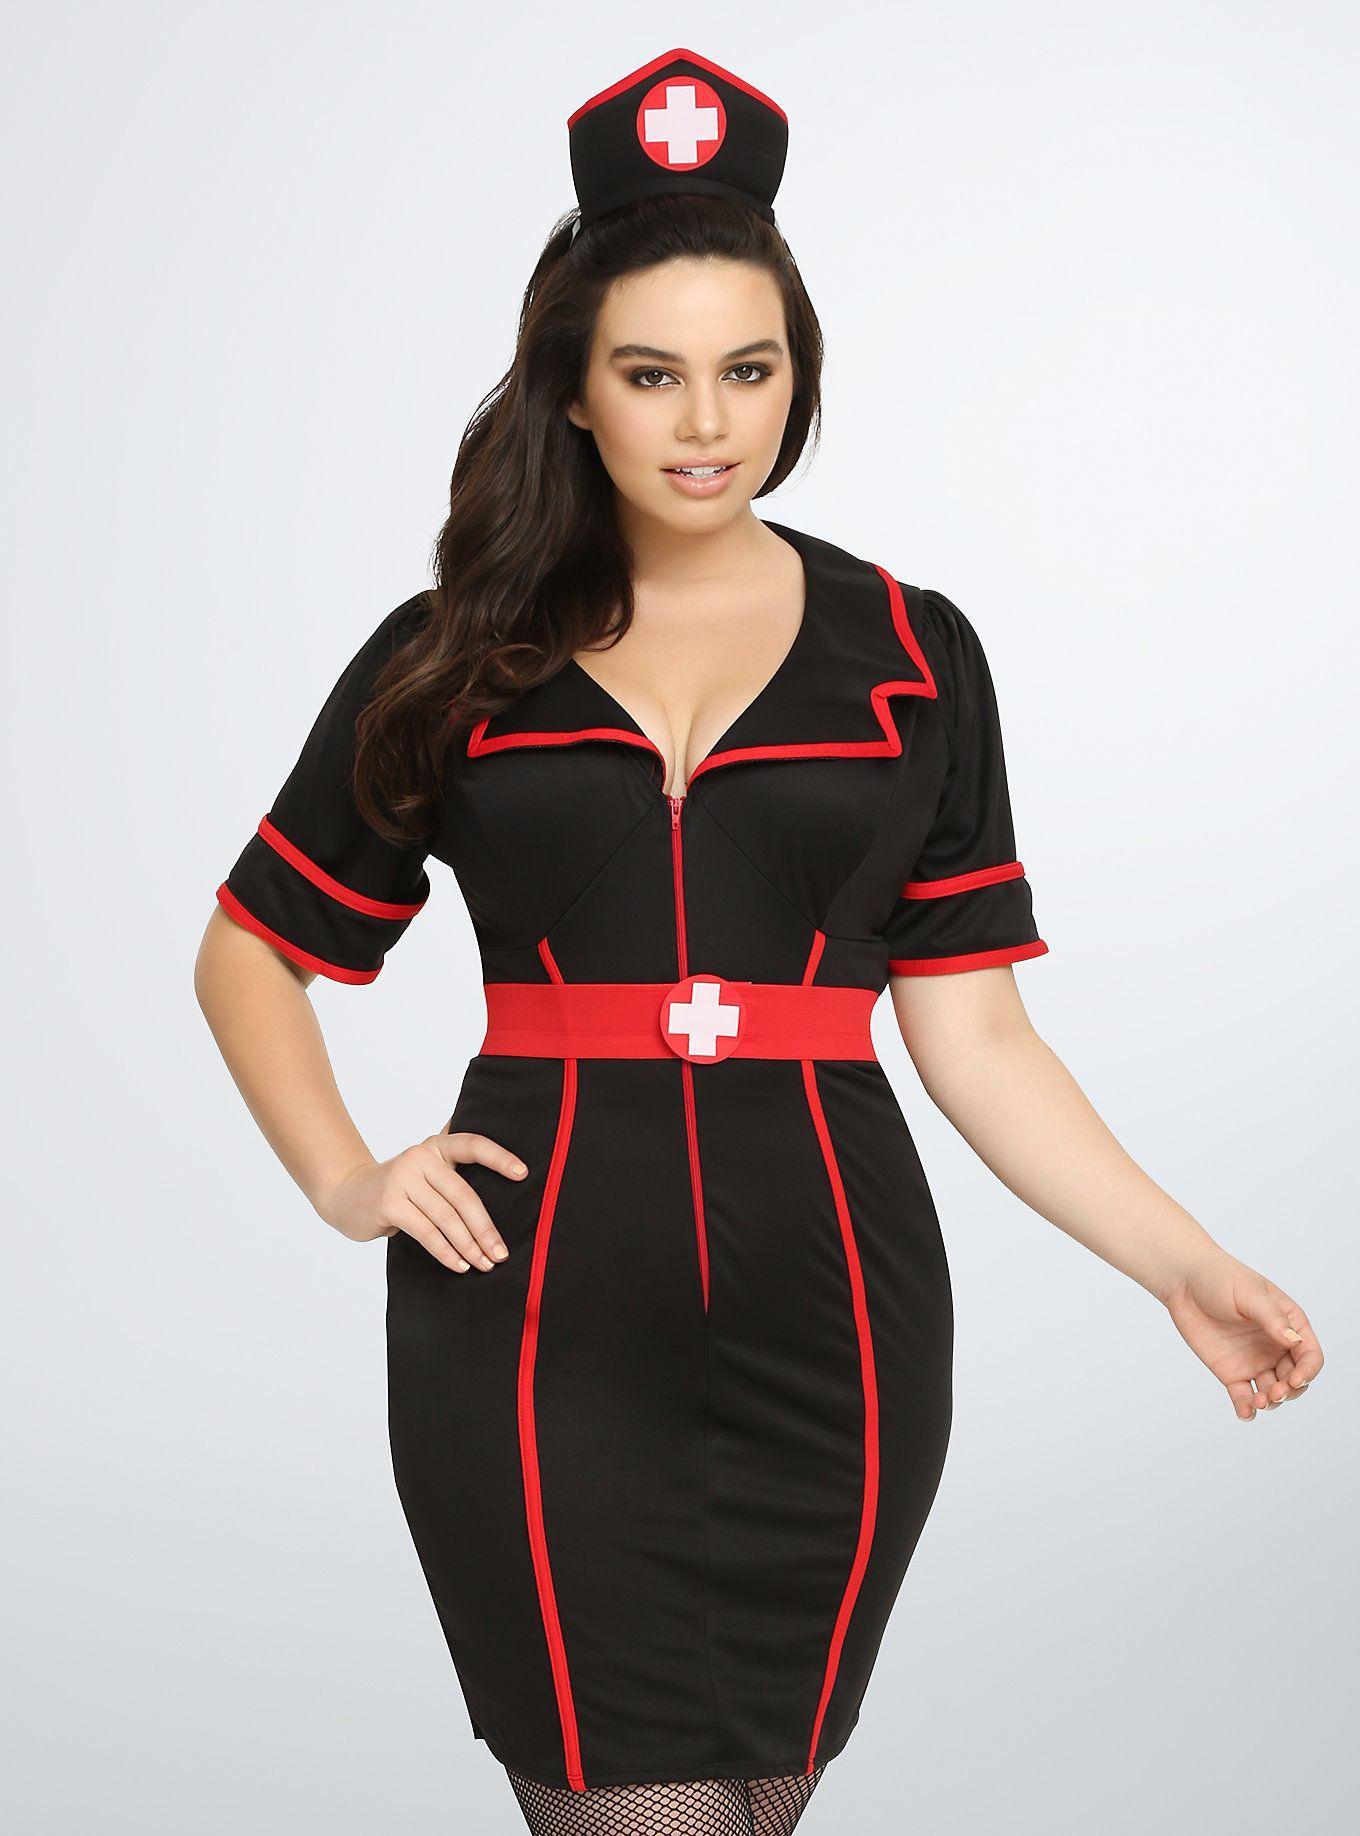 night nurse costume dress | torrid | style | wants in 2018